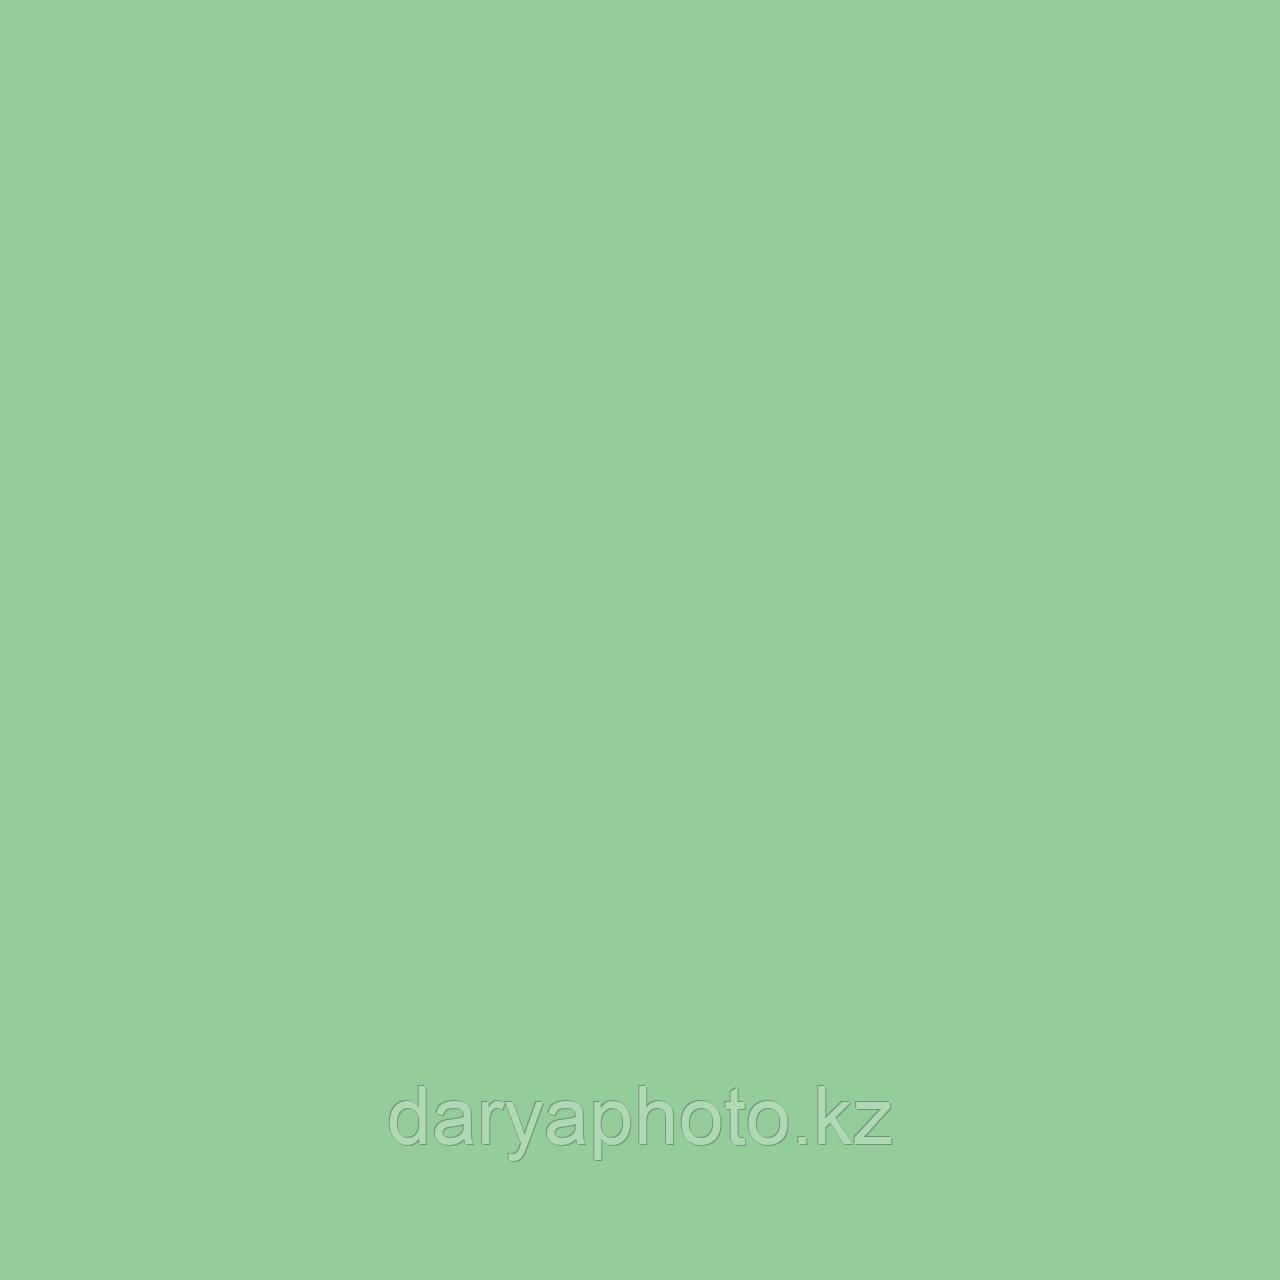 Зеленый оливковый Фон бумажный. Фотофон. Фон для фотостудии